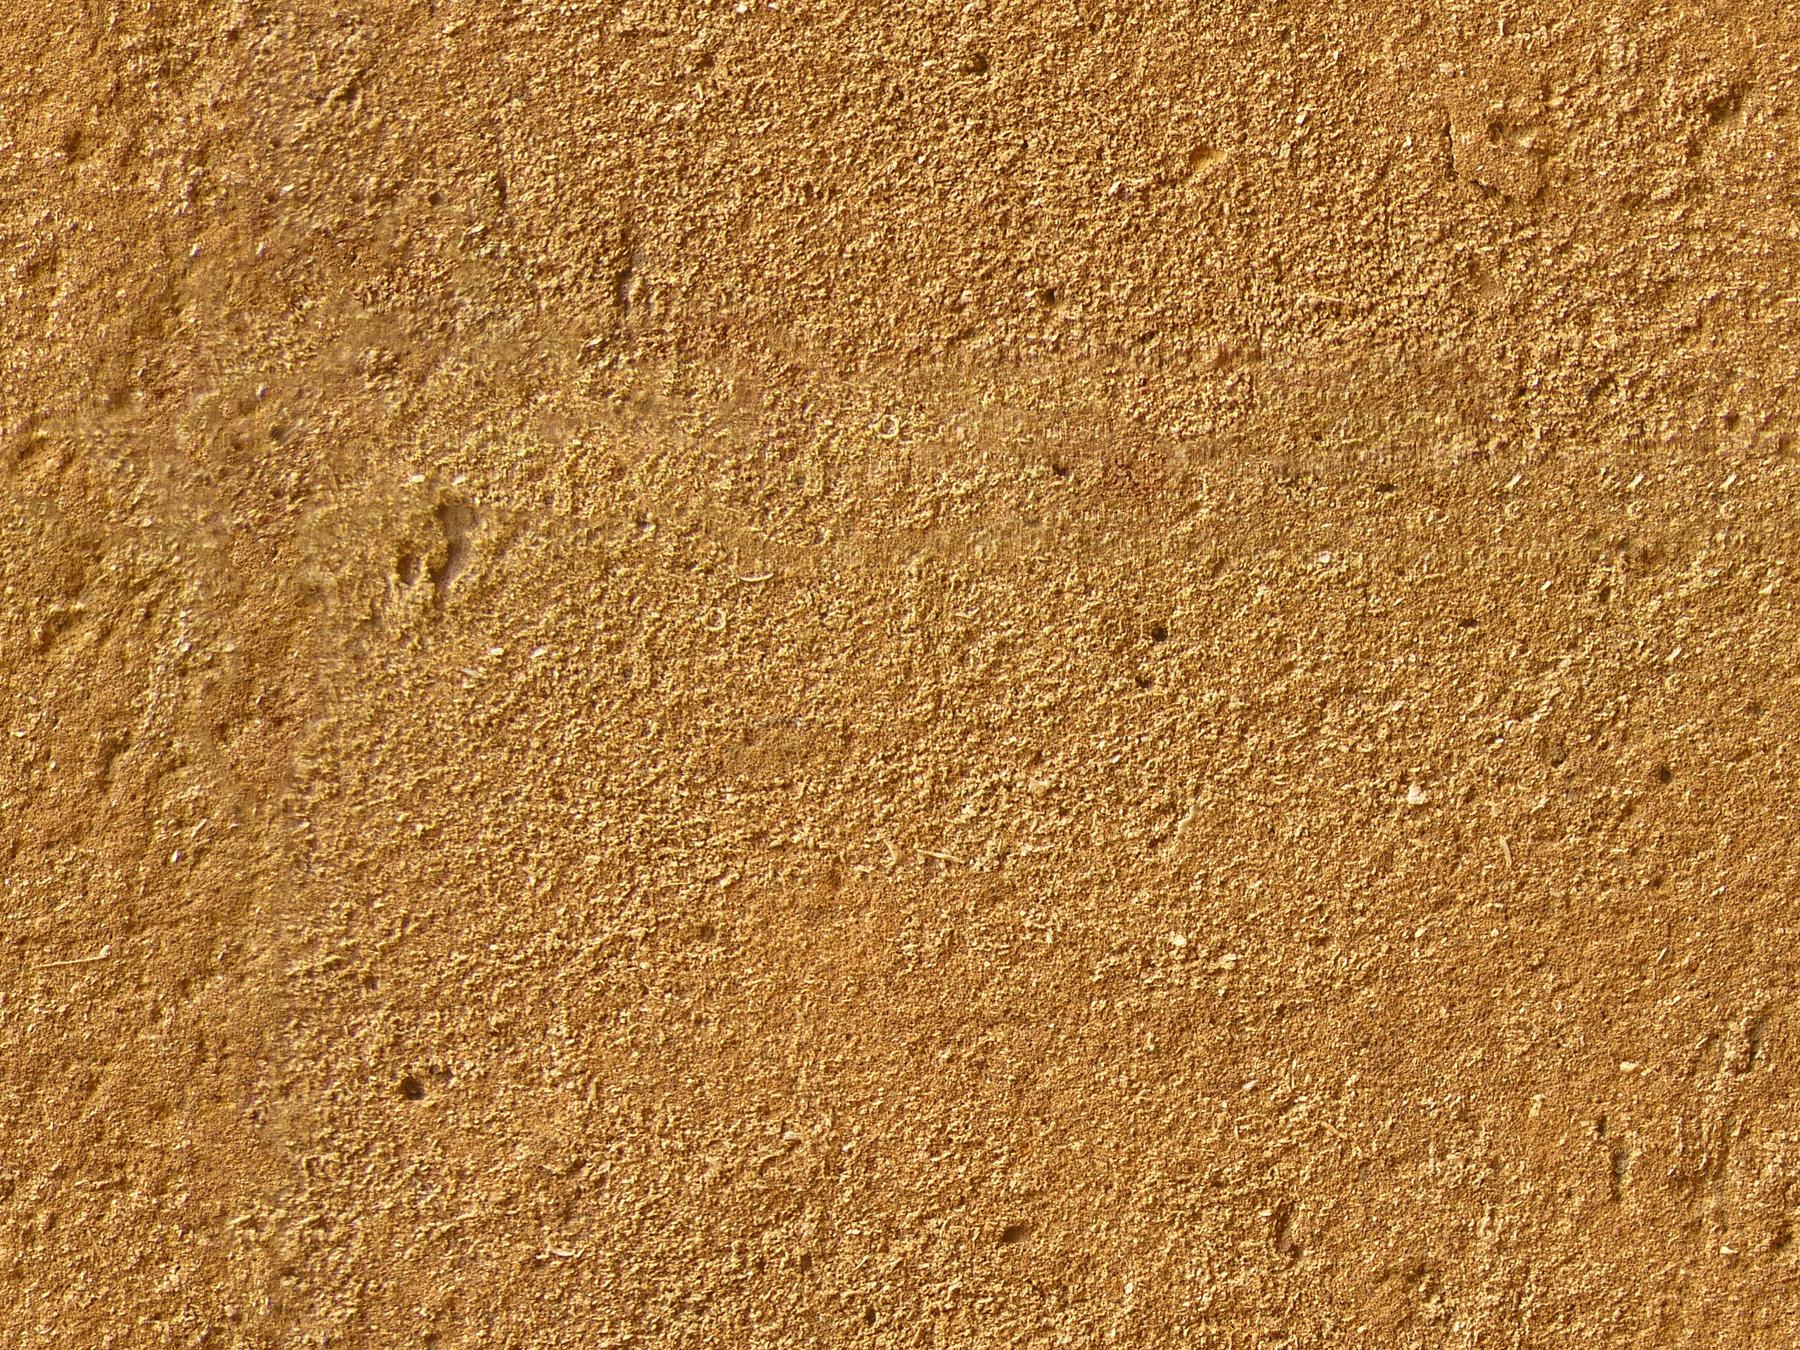 texture, sand, texture sand, beach, background, background.